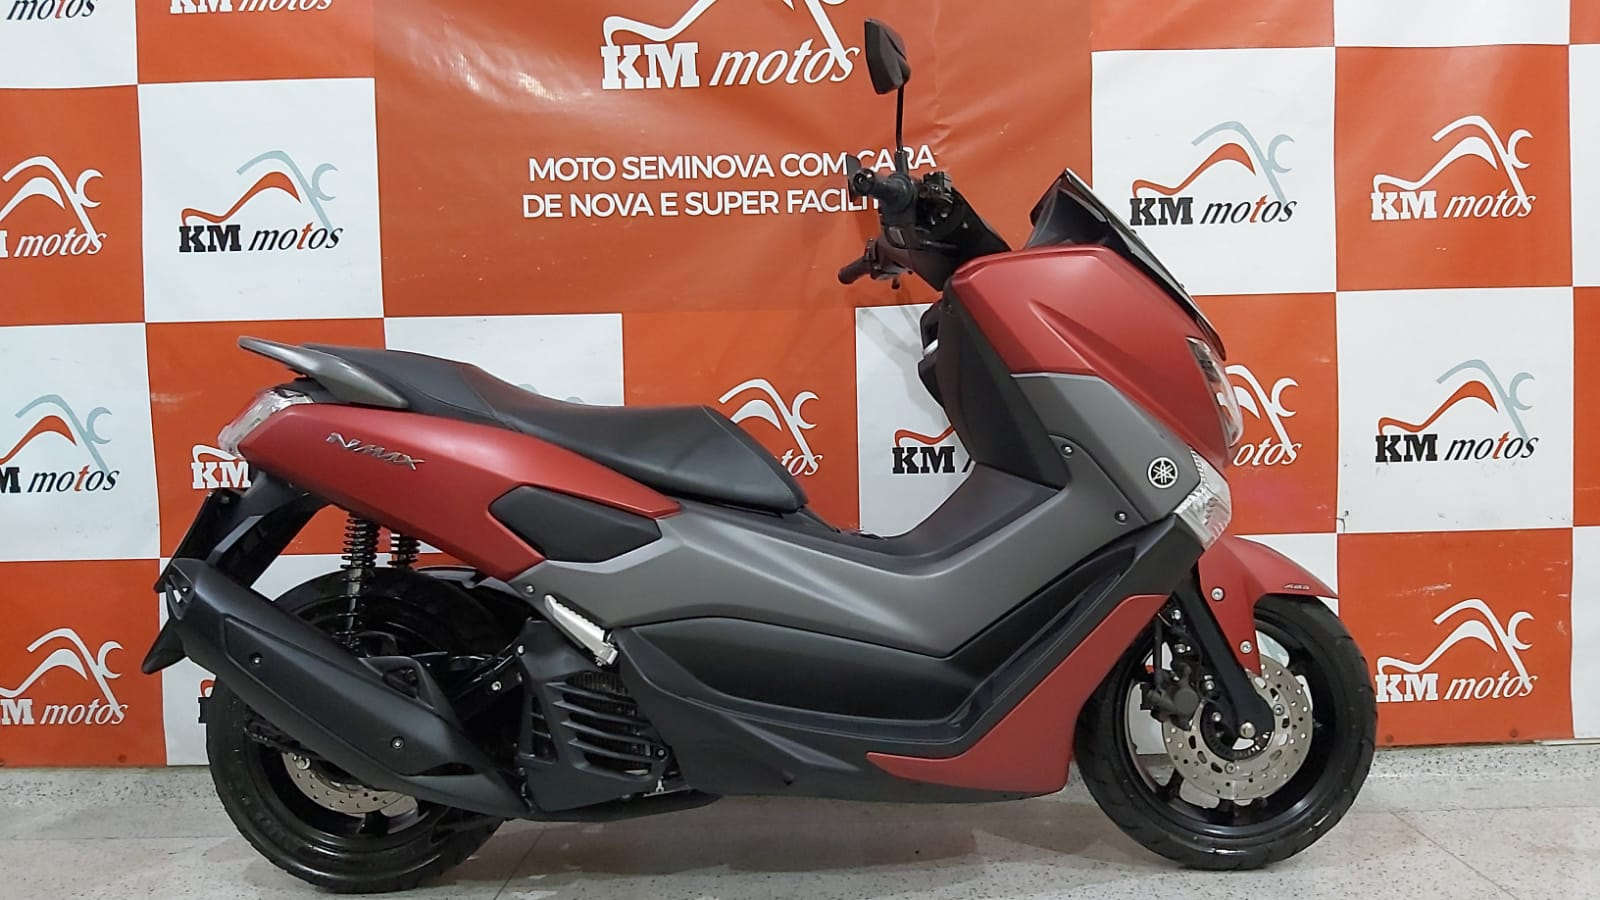 Yamaha Nmax 160 2019 Vermelha